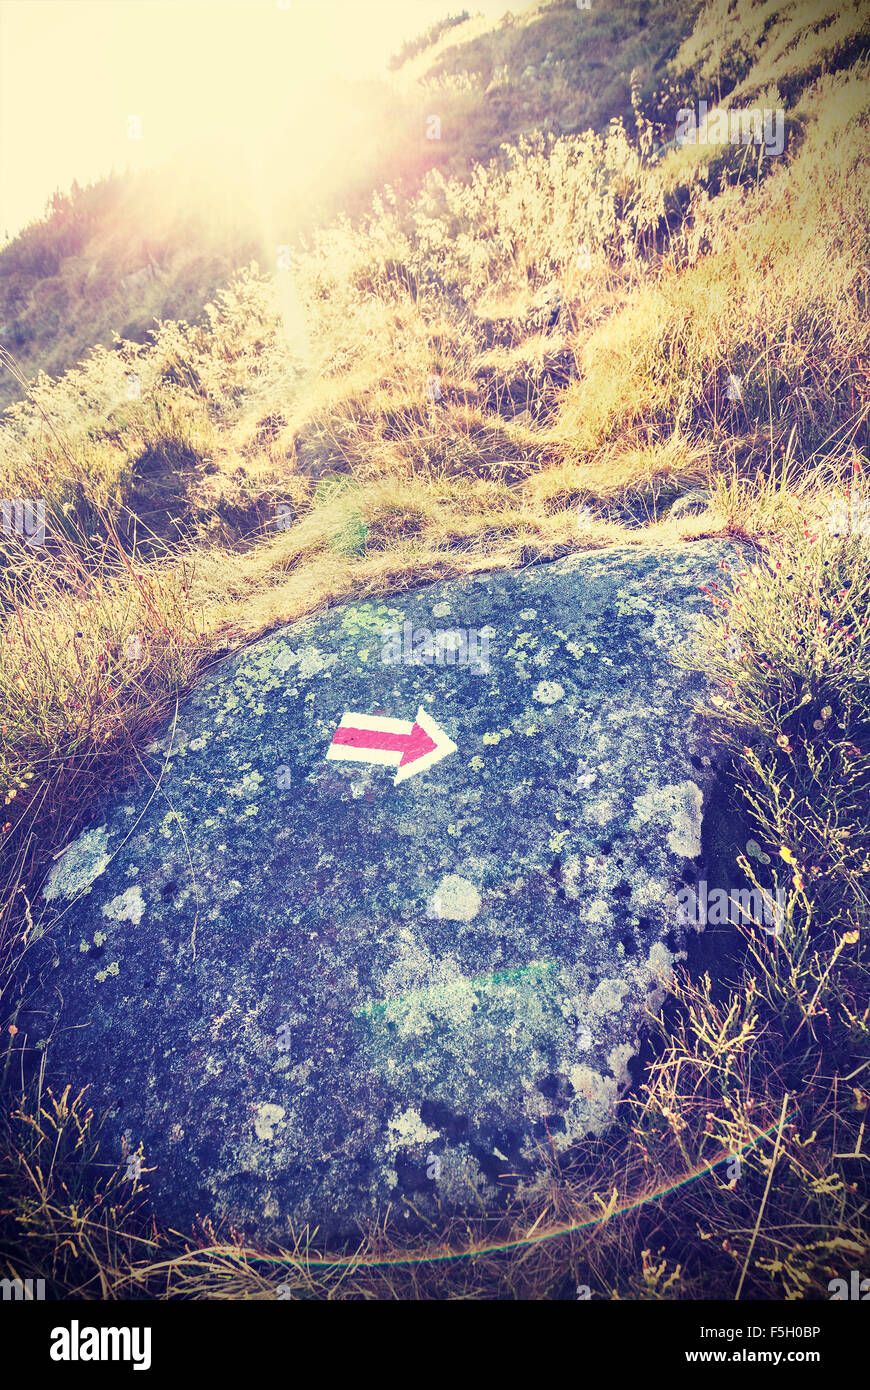 Retro trail estilizados señal de flecha contra el atardecer con efecto Destello de lente. Imagen De Stock